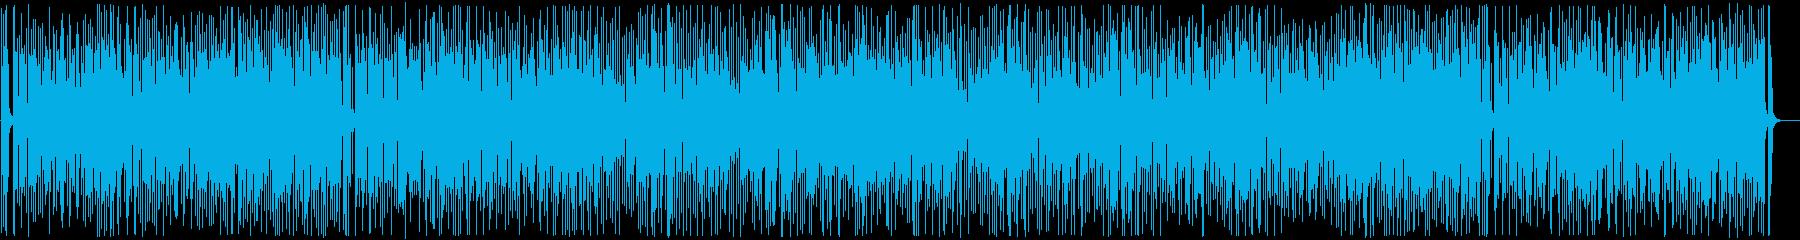 ピチカートと鉄琴が可愛いお洒落な曲の再生済みの波形